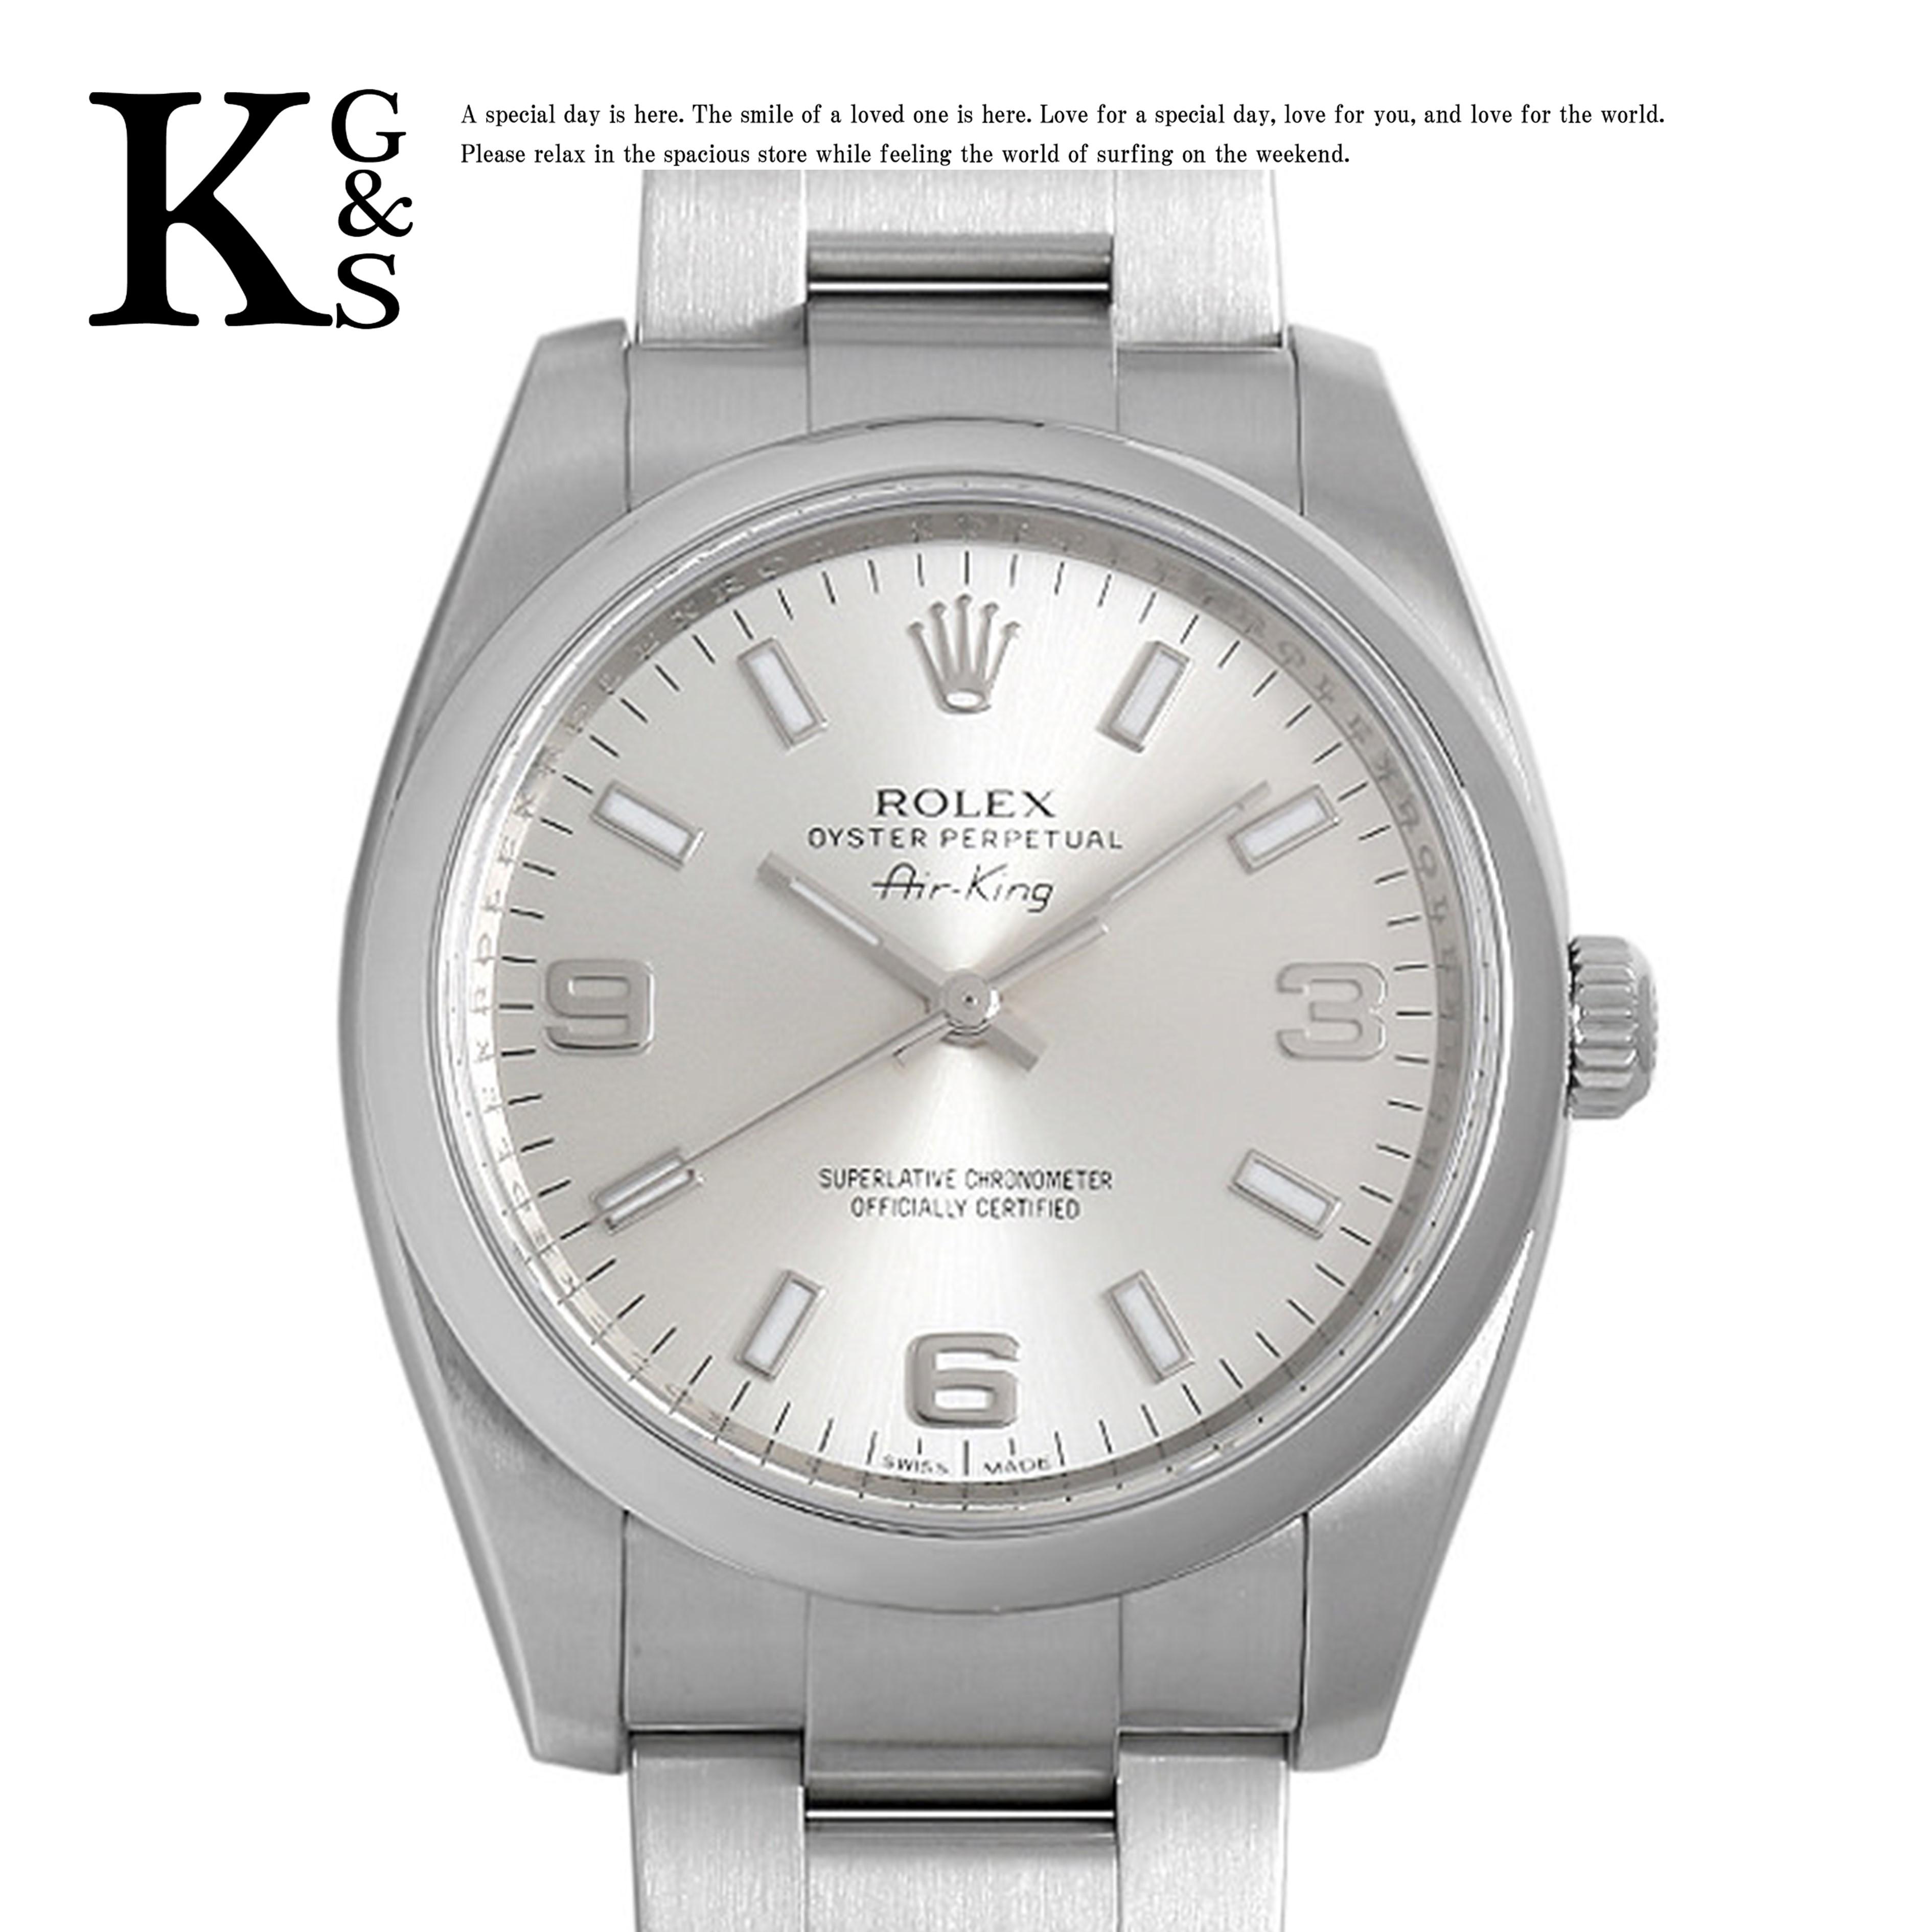 【ギフト品質】ロレックス/ROLEX メンズ 腕時計 オイスターパーペチュアル 34mm シルバー文字盤 自動巻き ステンレススチール 114200